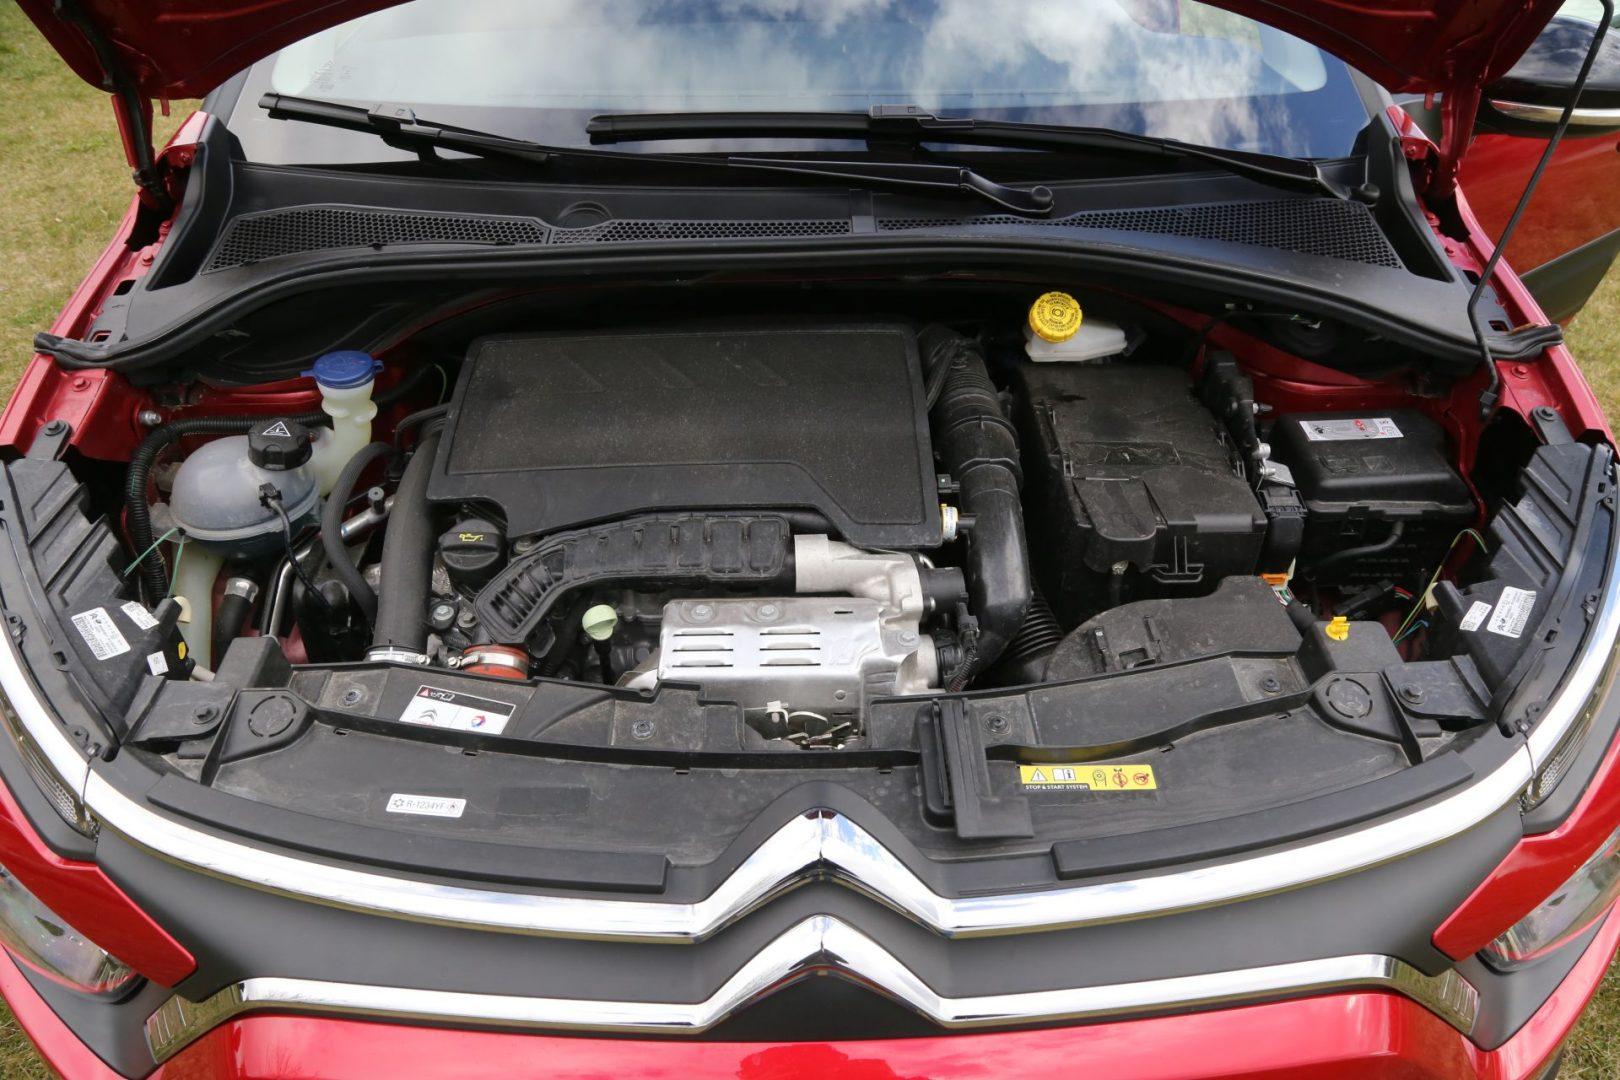 Turbobenzinac obujma 1199 cm3 razvija najveću snagu od 110 KS pri 5500 okretaja/min te najveći okretni moment od 205 Nm pri 1750 o/min